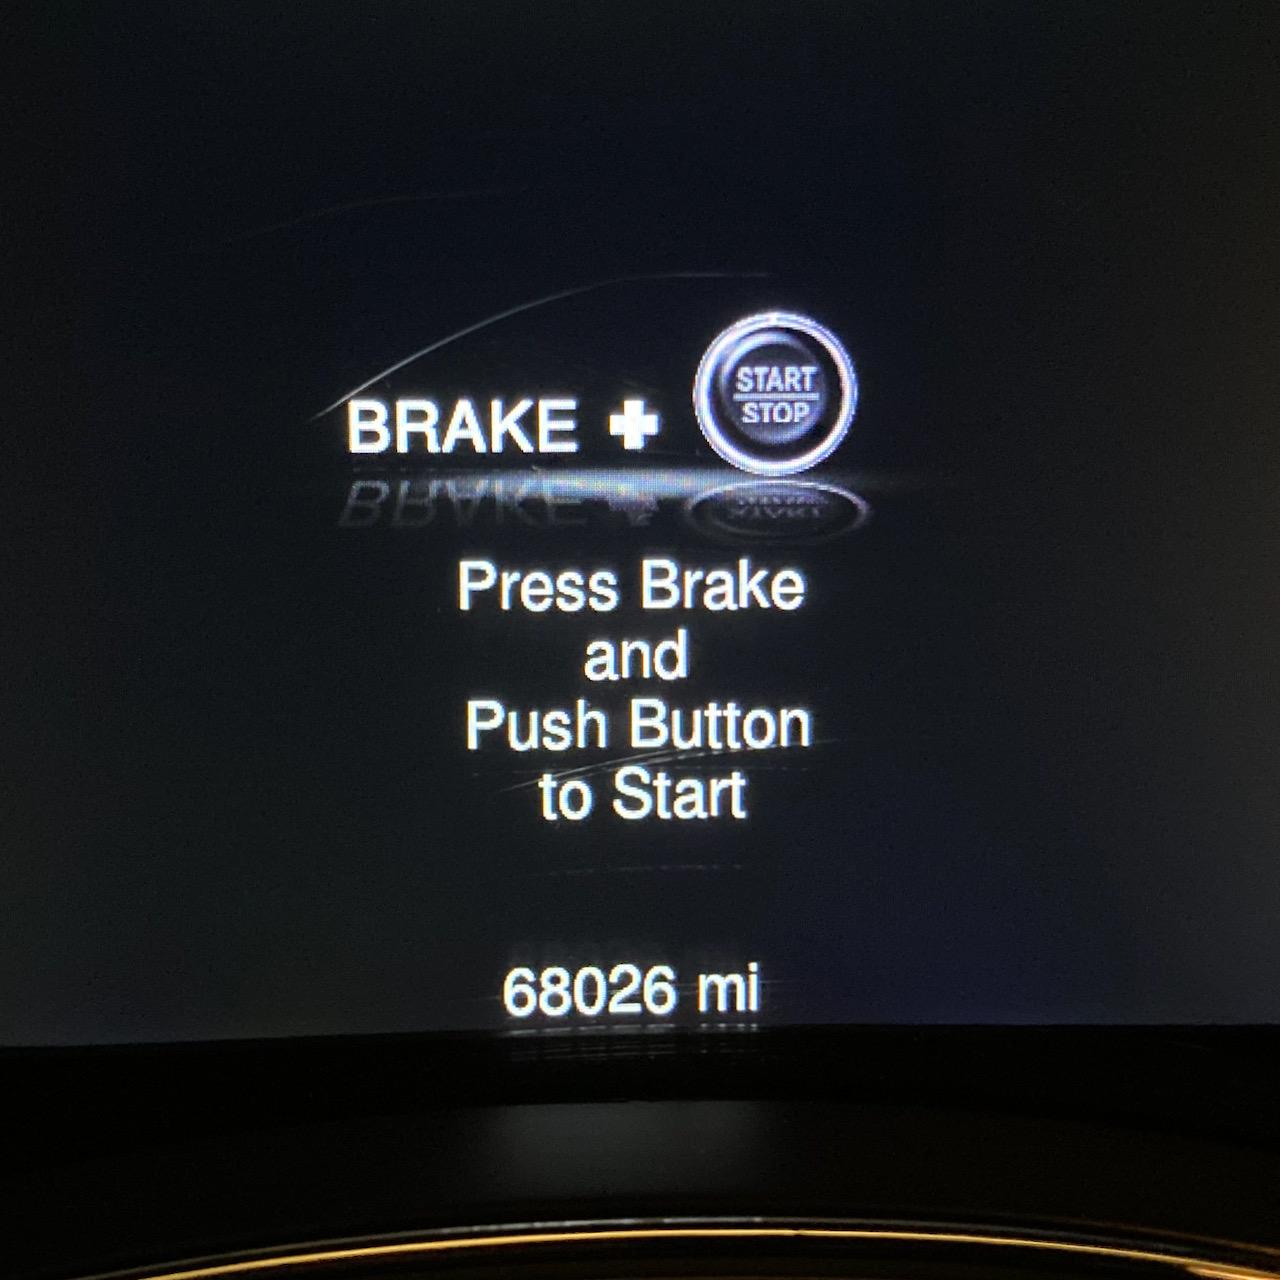 Car odometer reading 68026